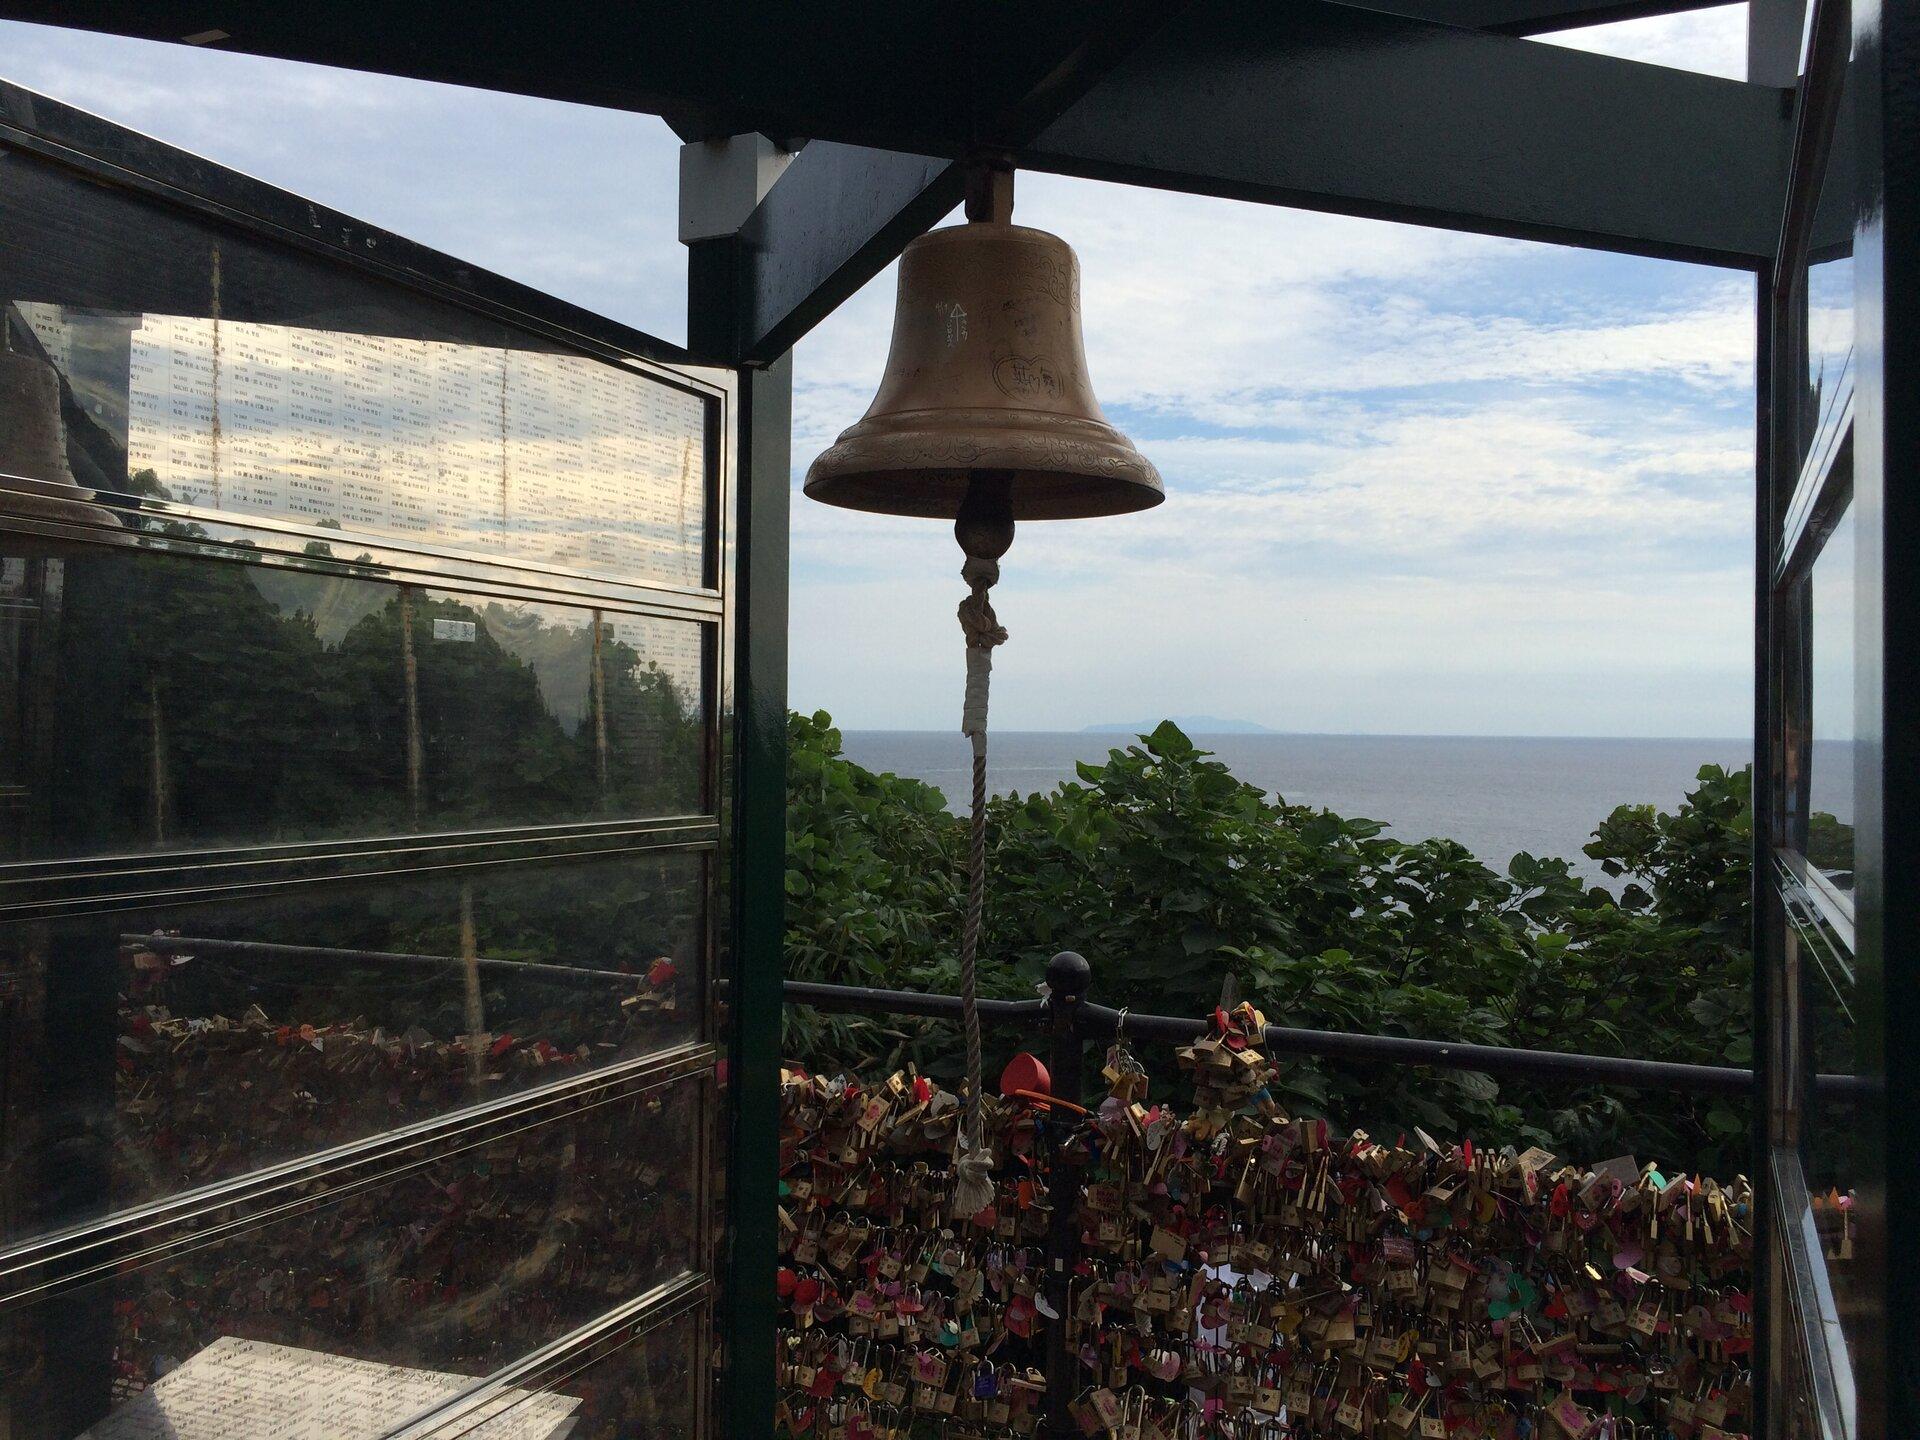 <江ノ島初心者向け>おすすめ定番デートプラン♪【新江ノ島水族館、生しらす丼、恋人の丘、洞窟、展望台】